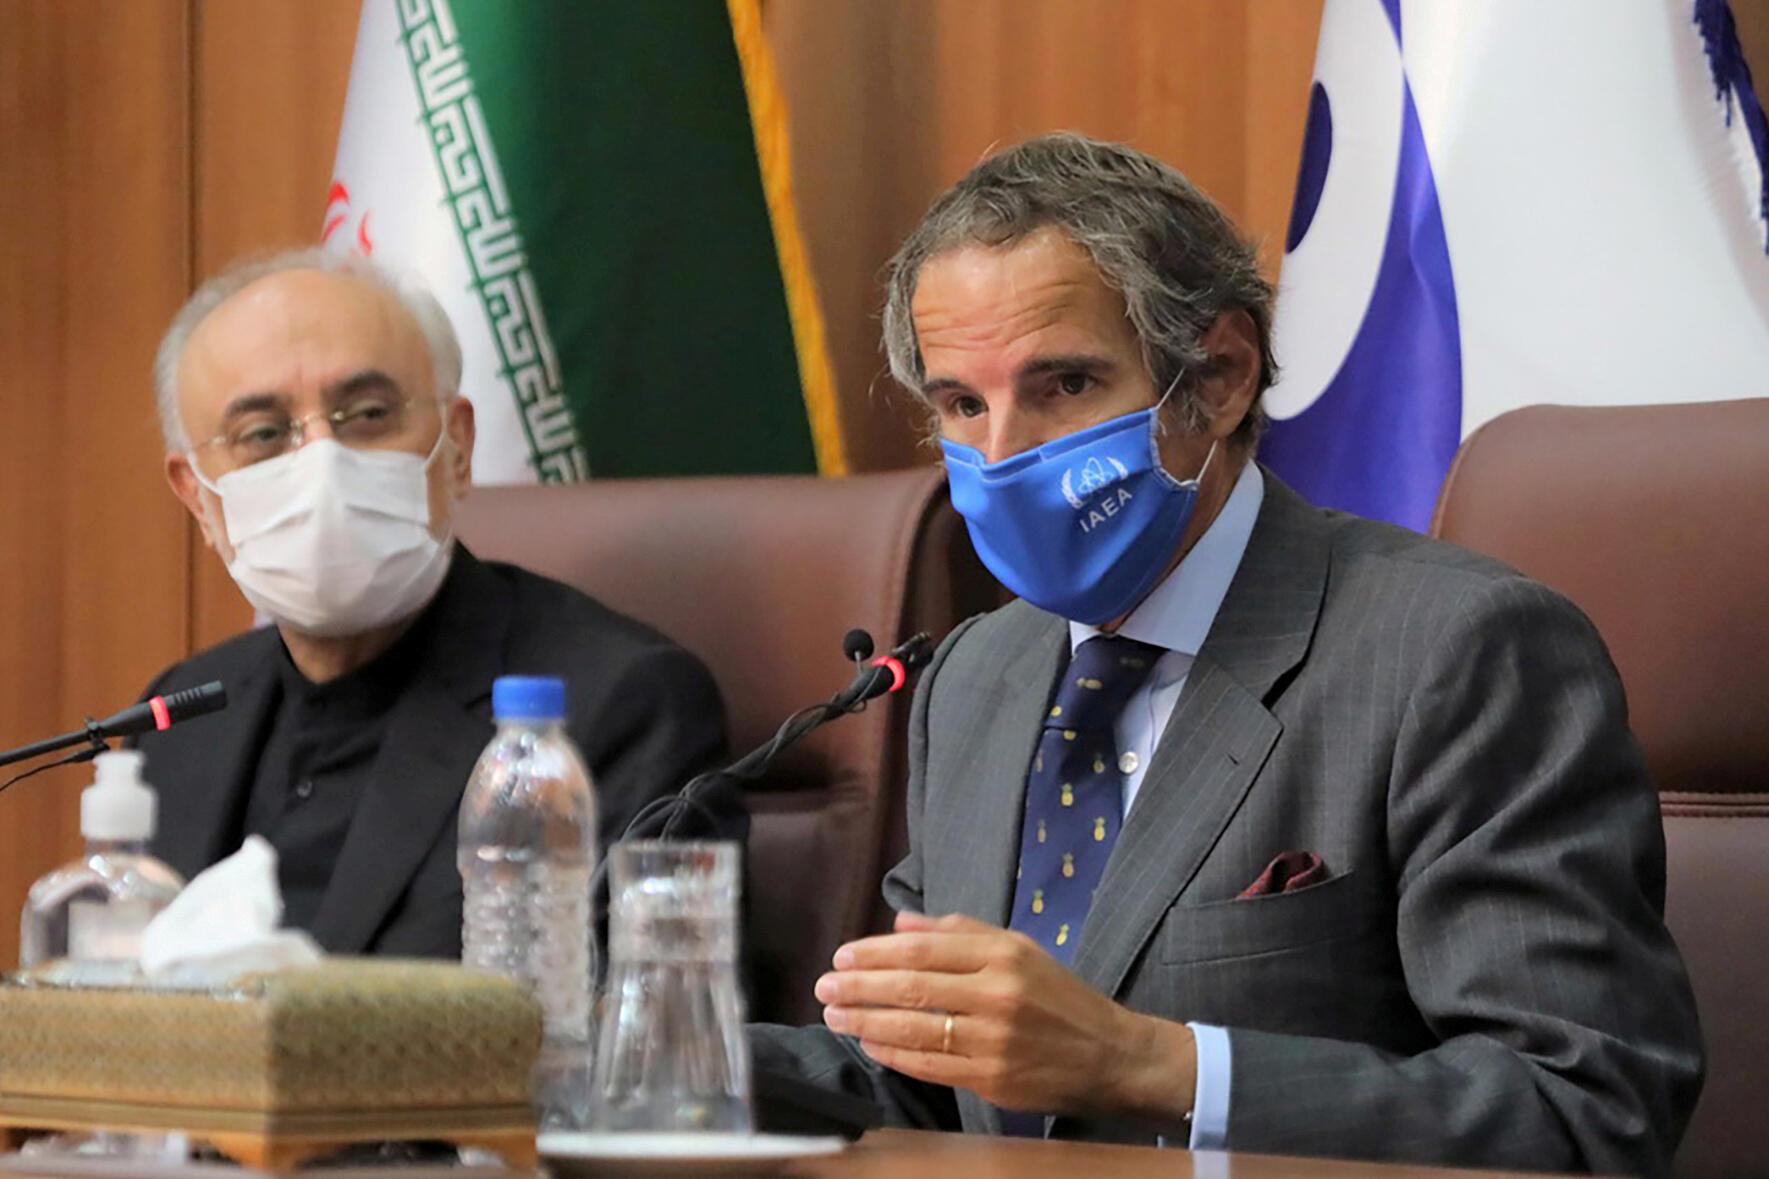 رافائل گروسی، رئیس کل آژانس بینالمللی انرژی اتمی (سمت راست) در کنار علی اکبر صالحی، رئیس سازمان انرژی اتمی ایران ـ تهران، ٢۵ اوت ٢٠٢٠